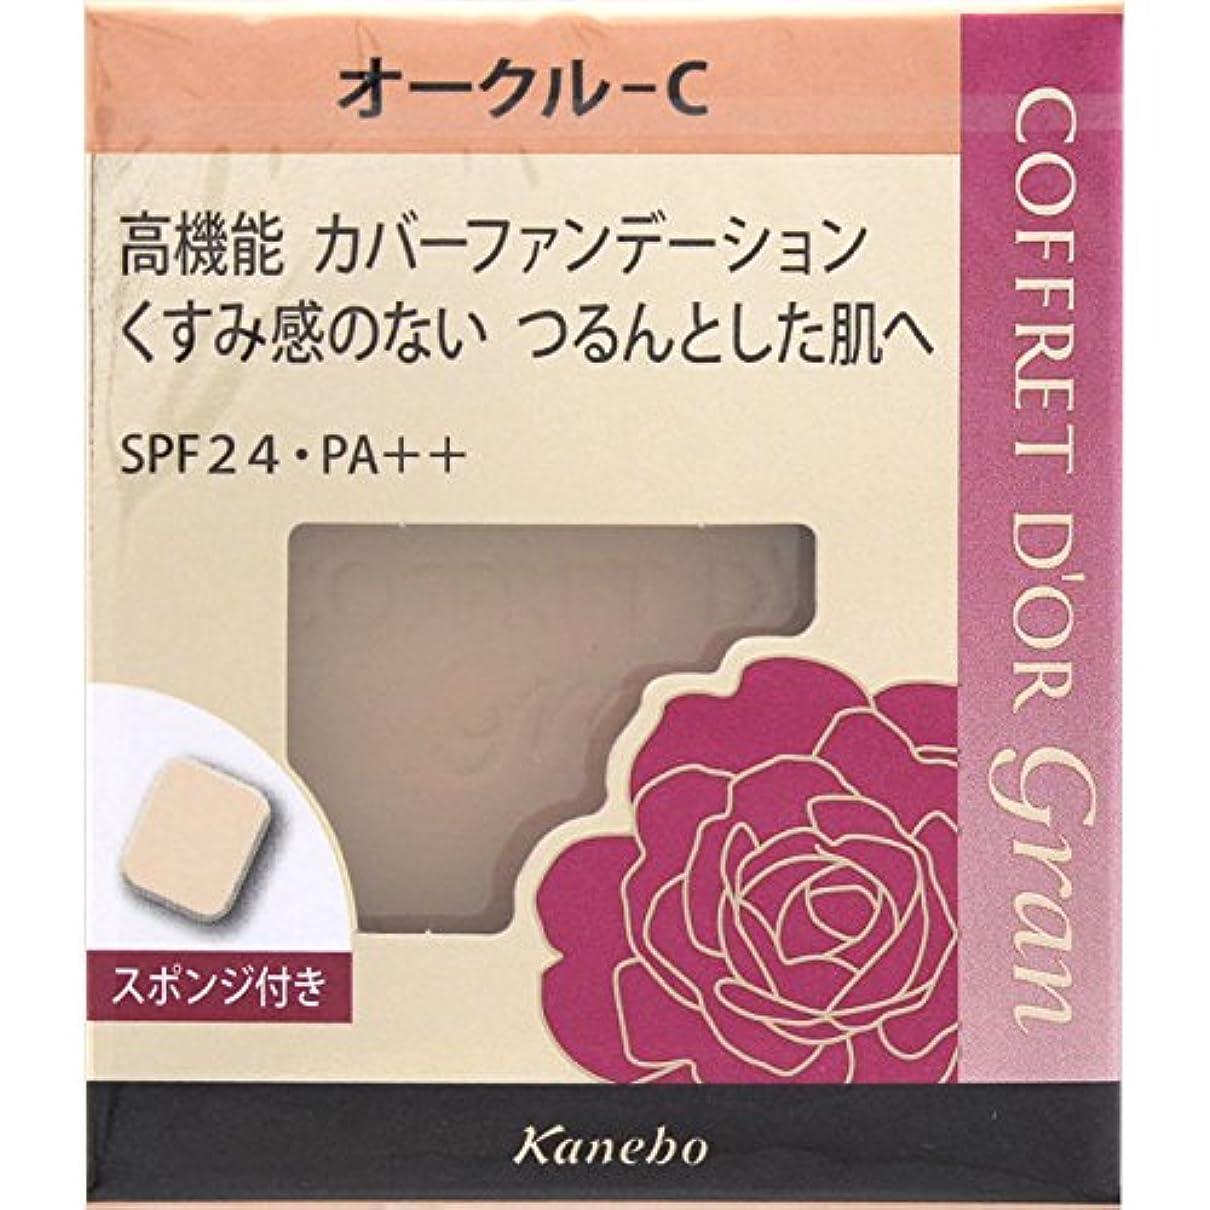 混雑スマートやろうカネボウ(Kanebo) コフレドールグランカバーフィットパクトUVII《10.5g》<カラー:オークルC>